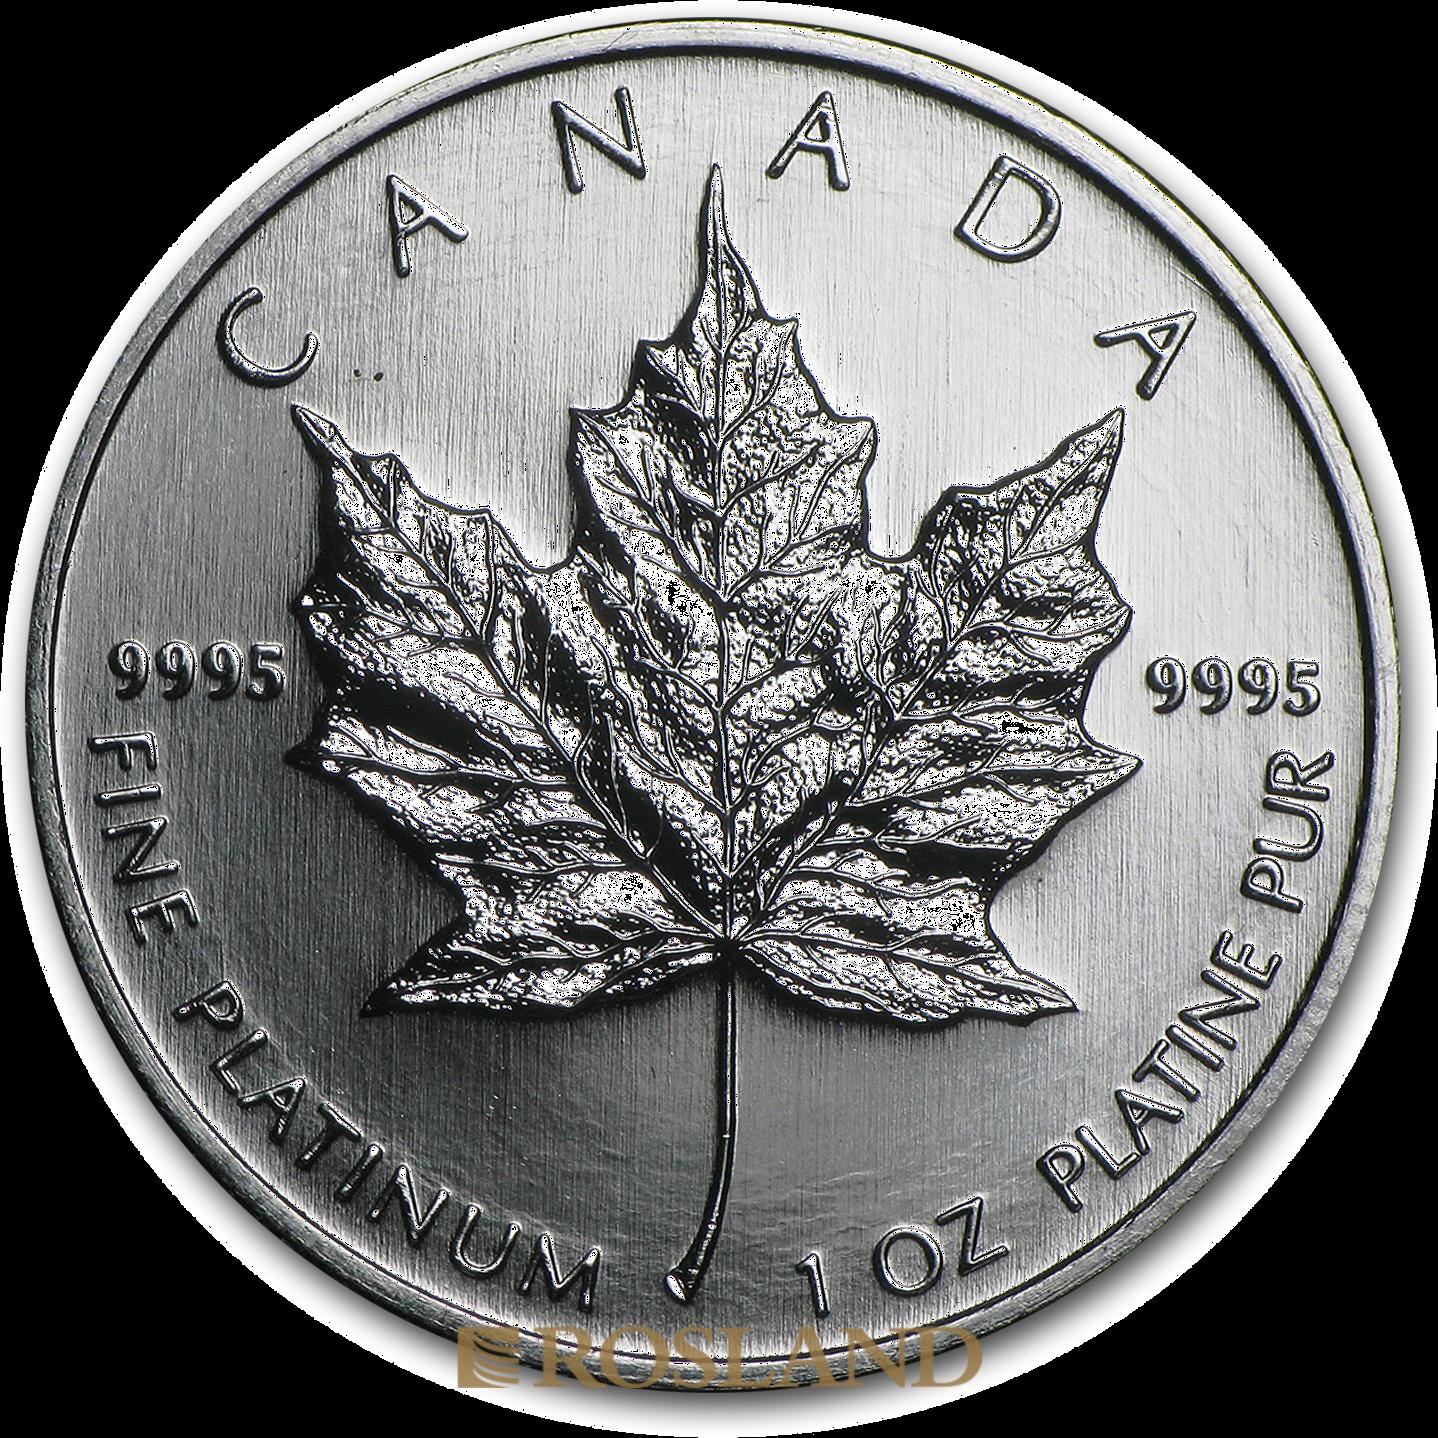 1 Unze Platinmünze Kanada Maple Leaf 2009